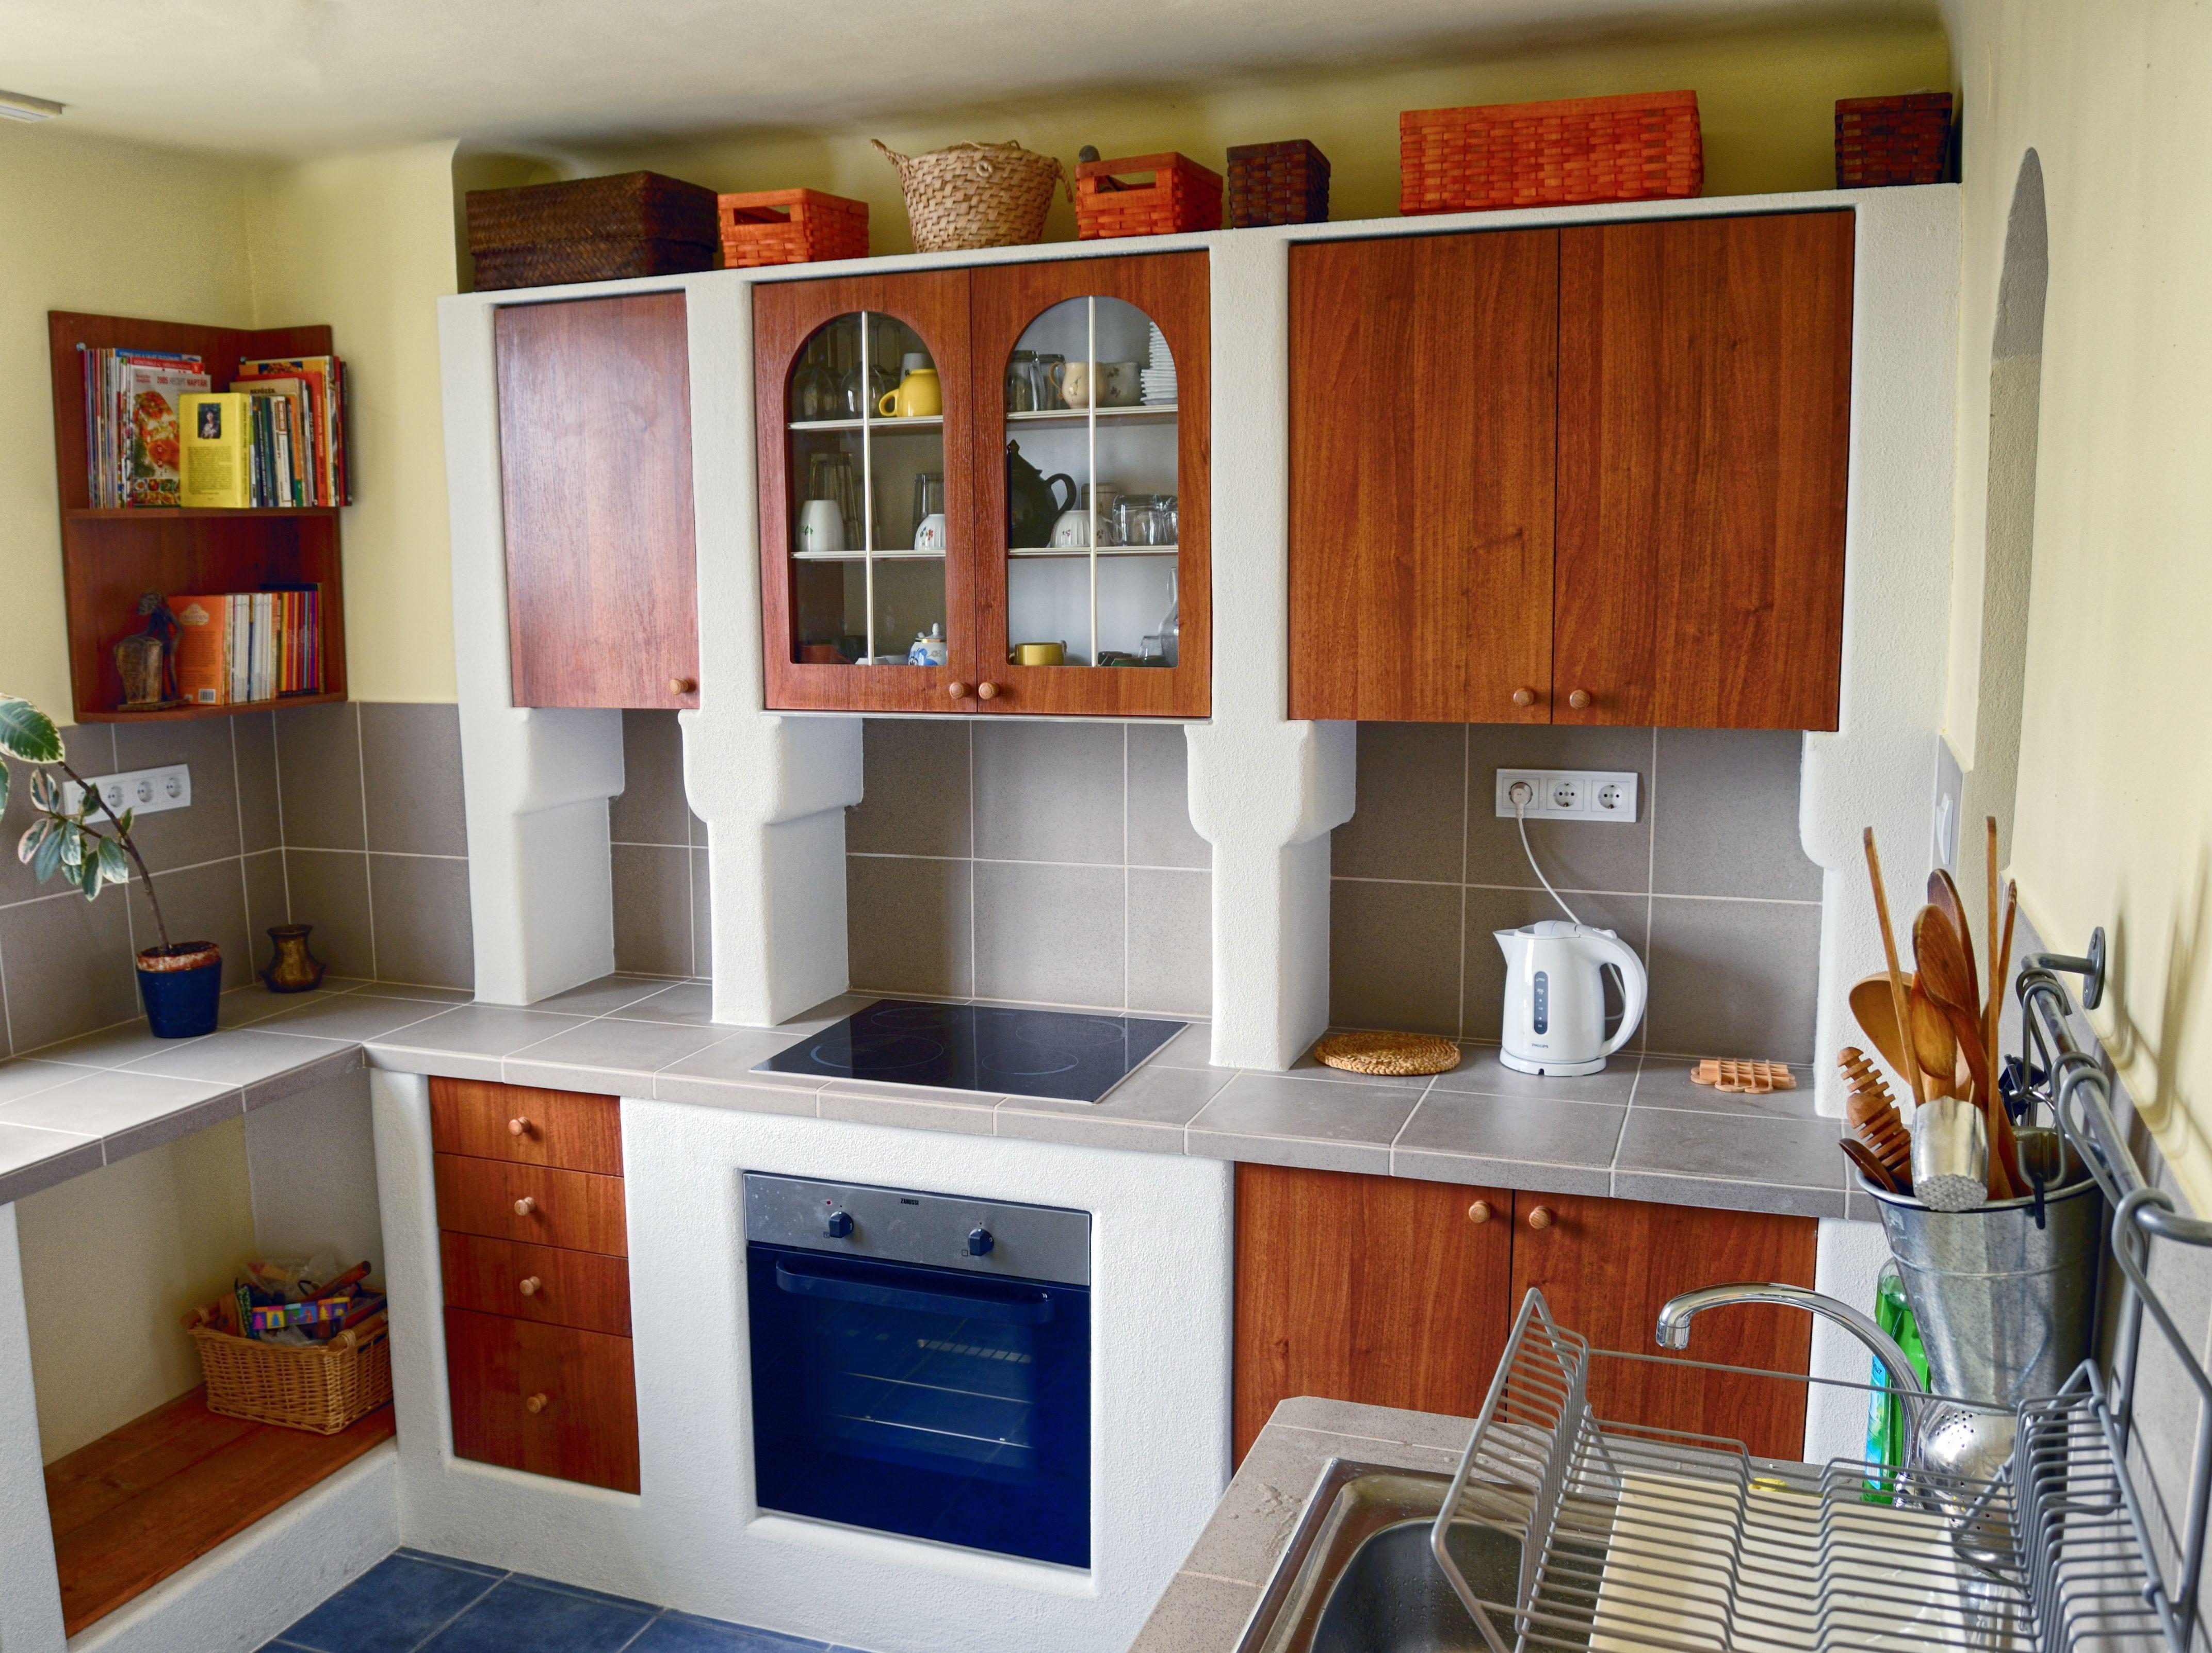 Ytong kitchen 01. 02 Lakberendezés, Konyha